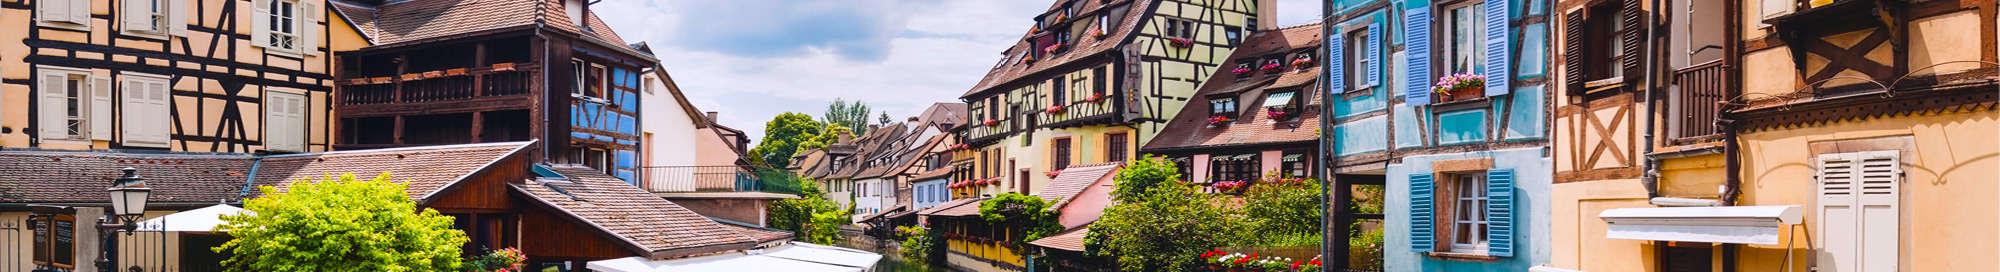 Week-end et séjour à Colmar